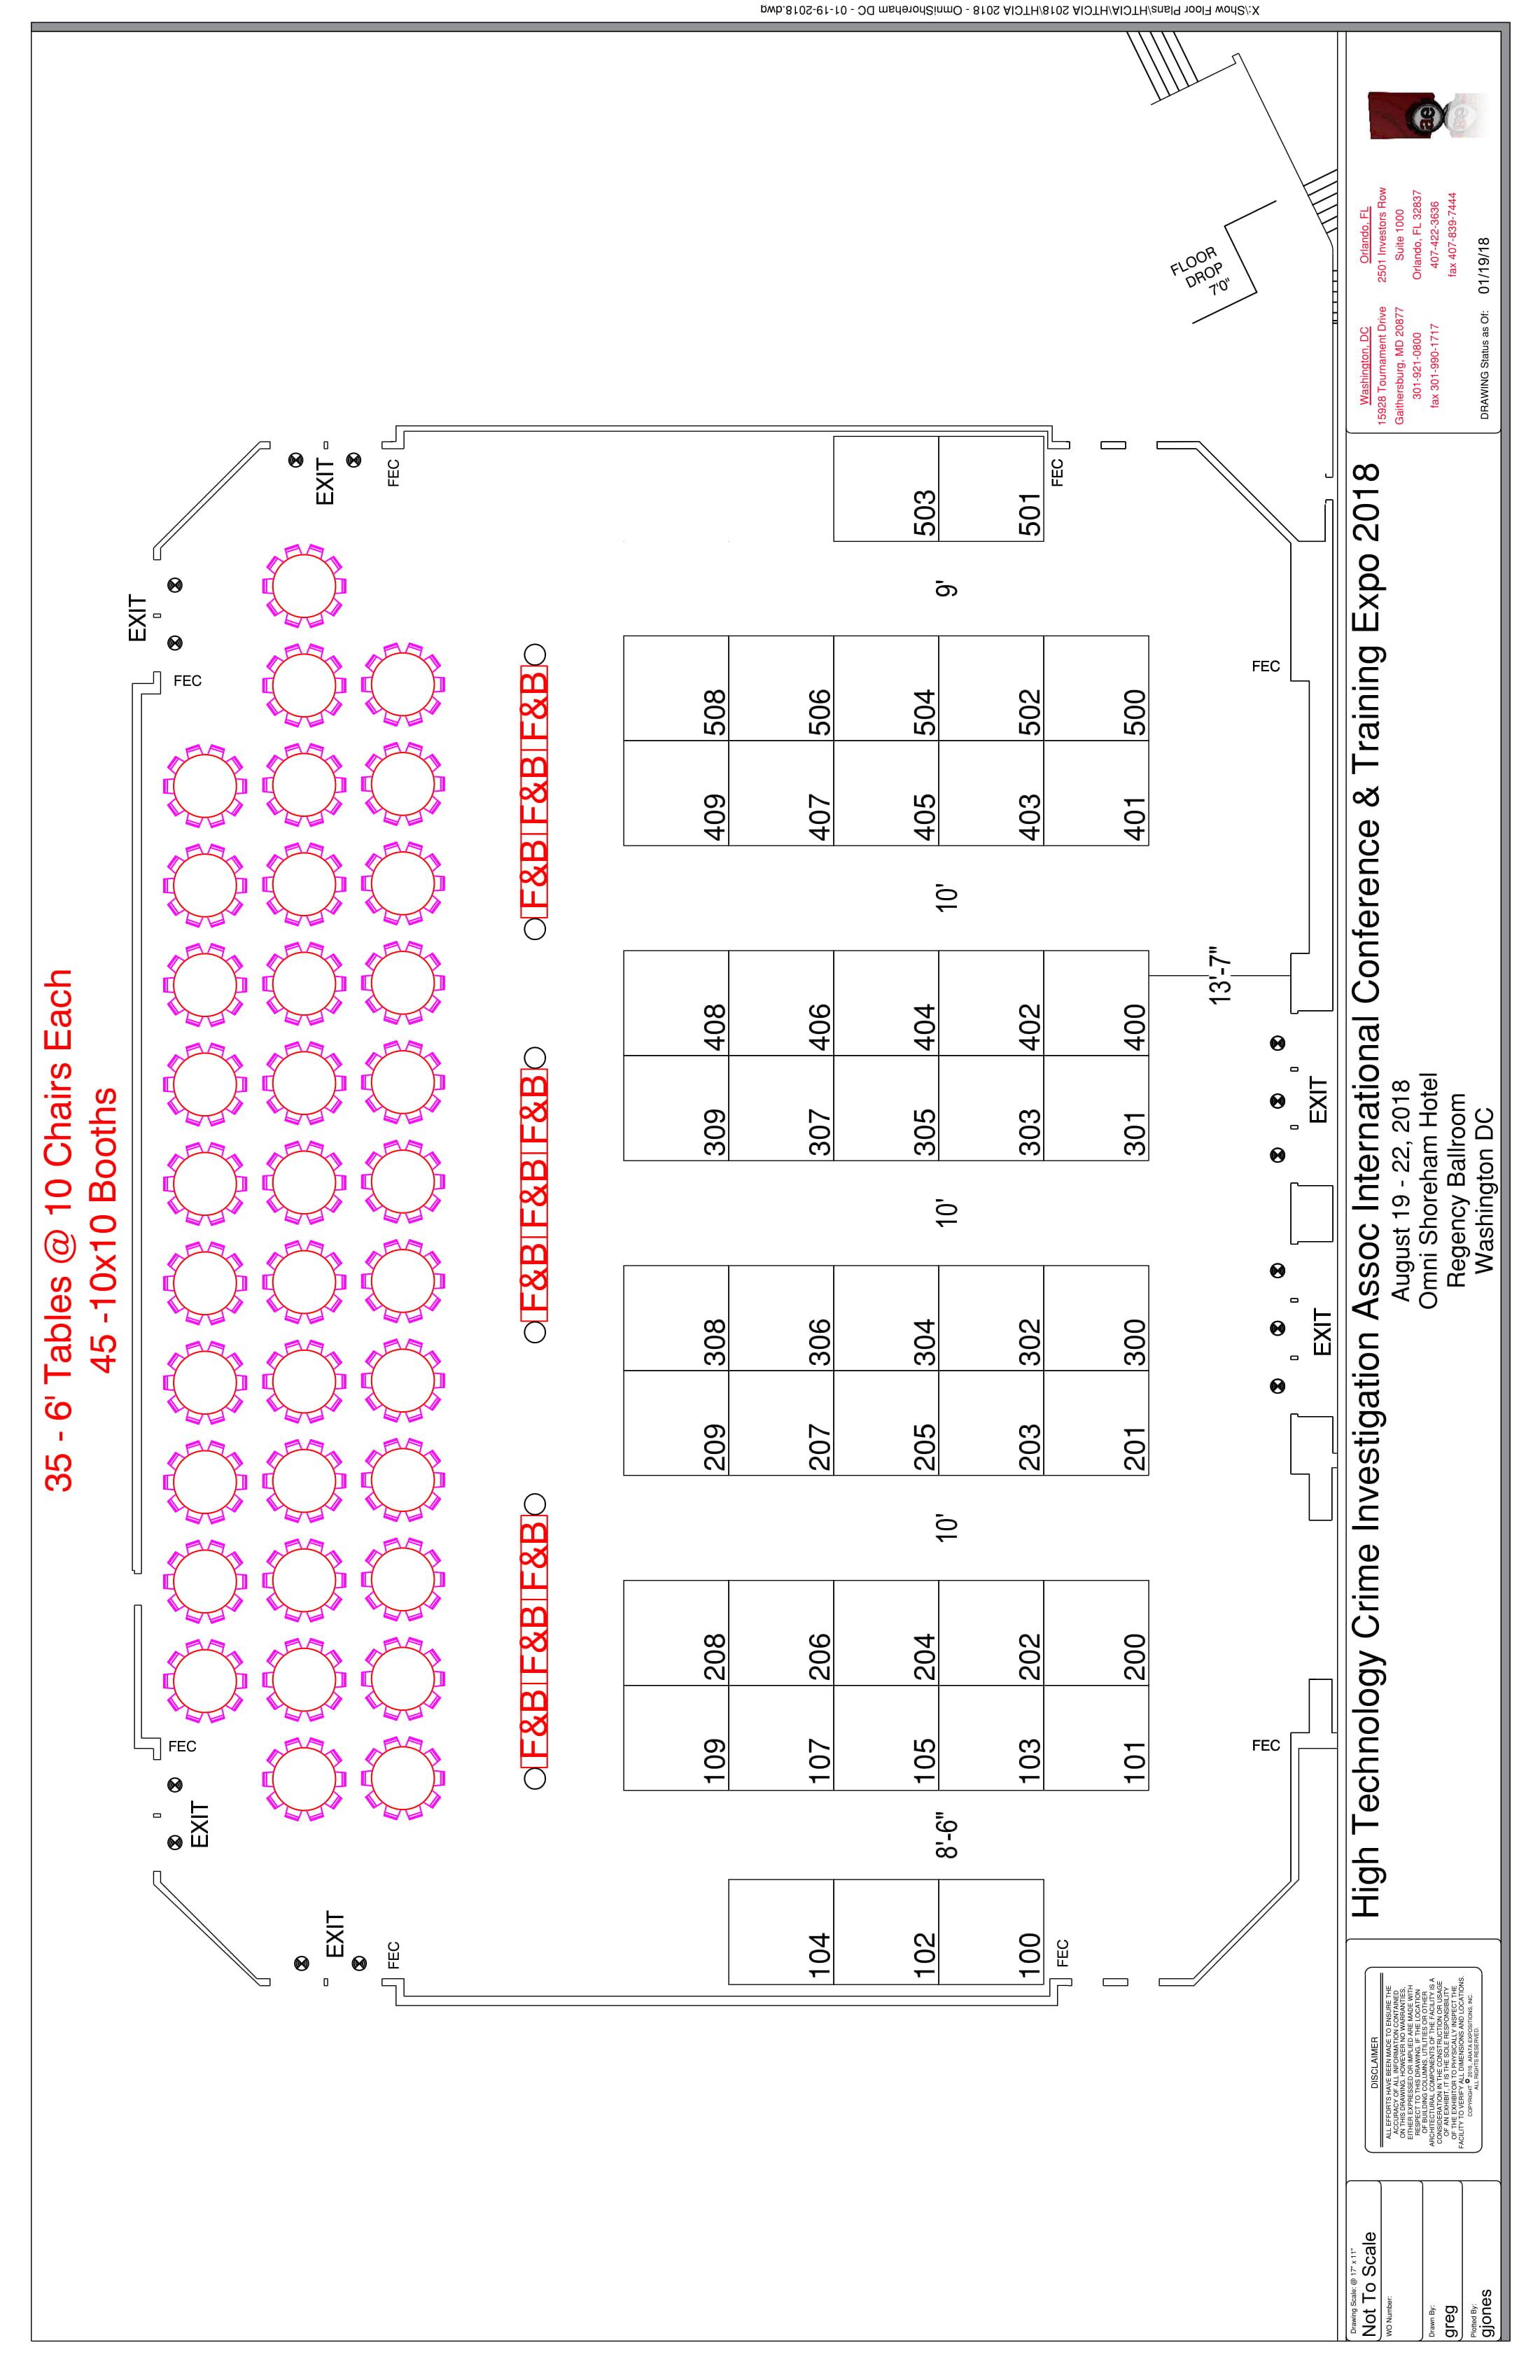 Exhibitor Floor Plan FINAL